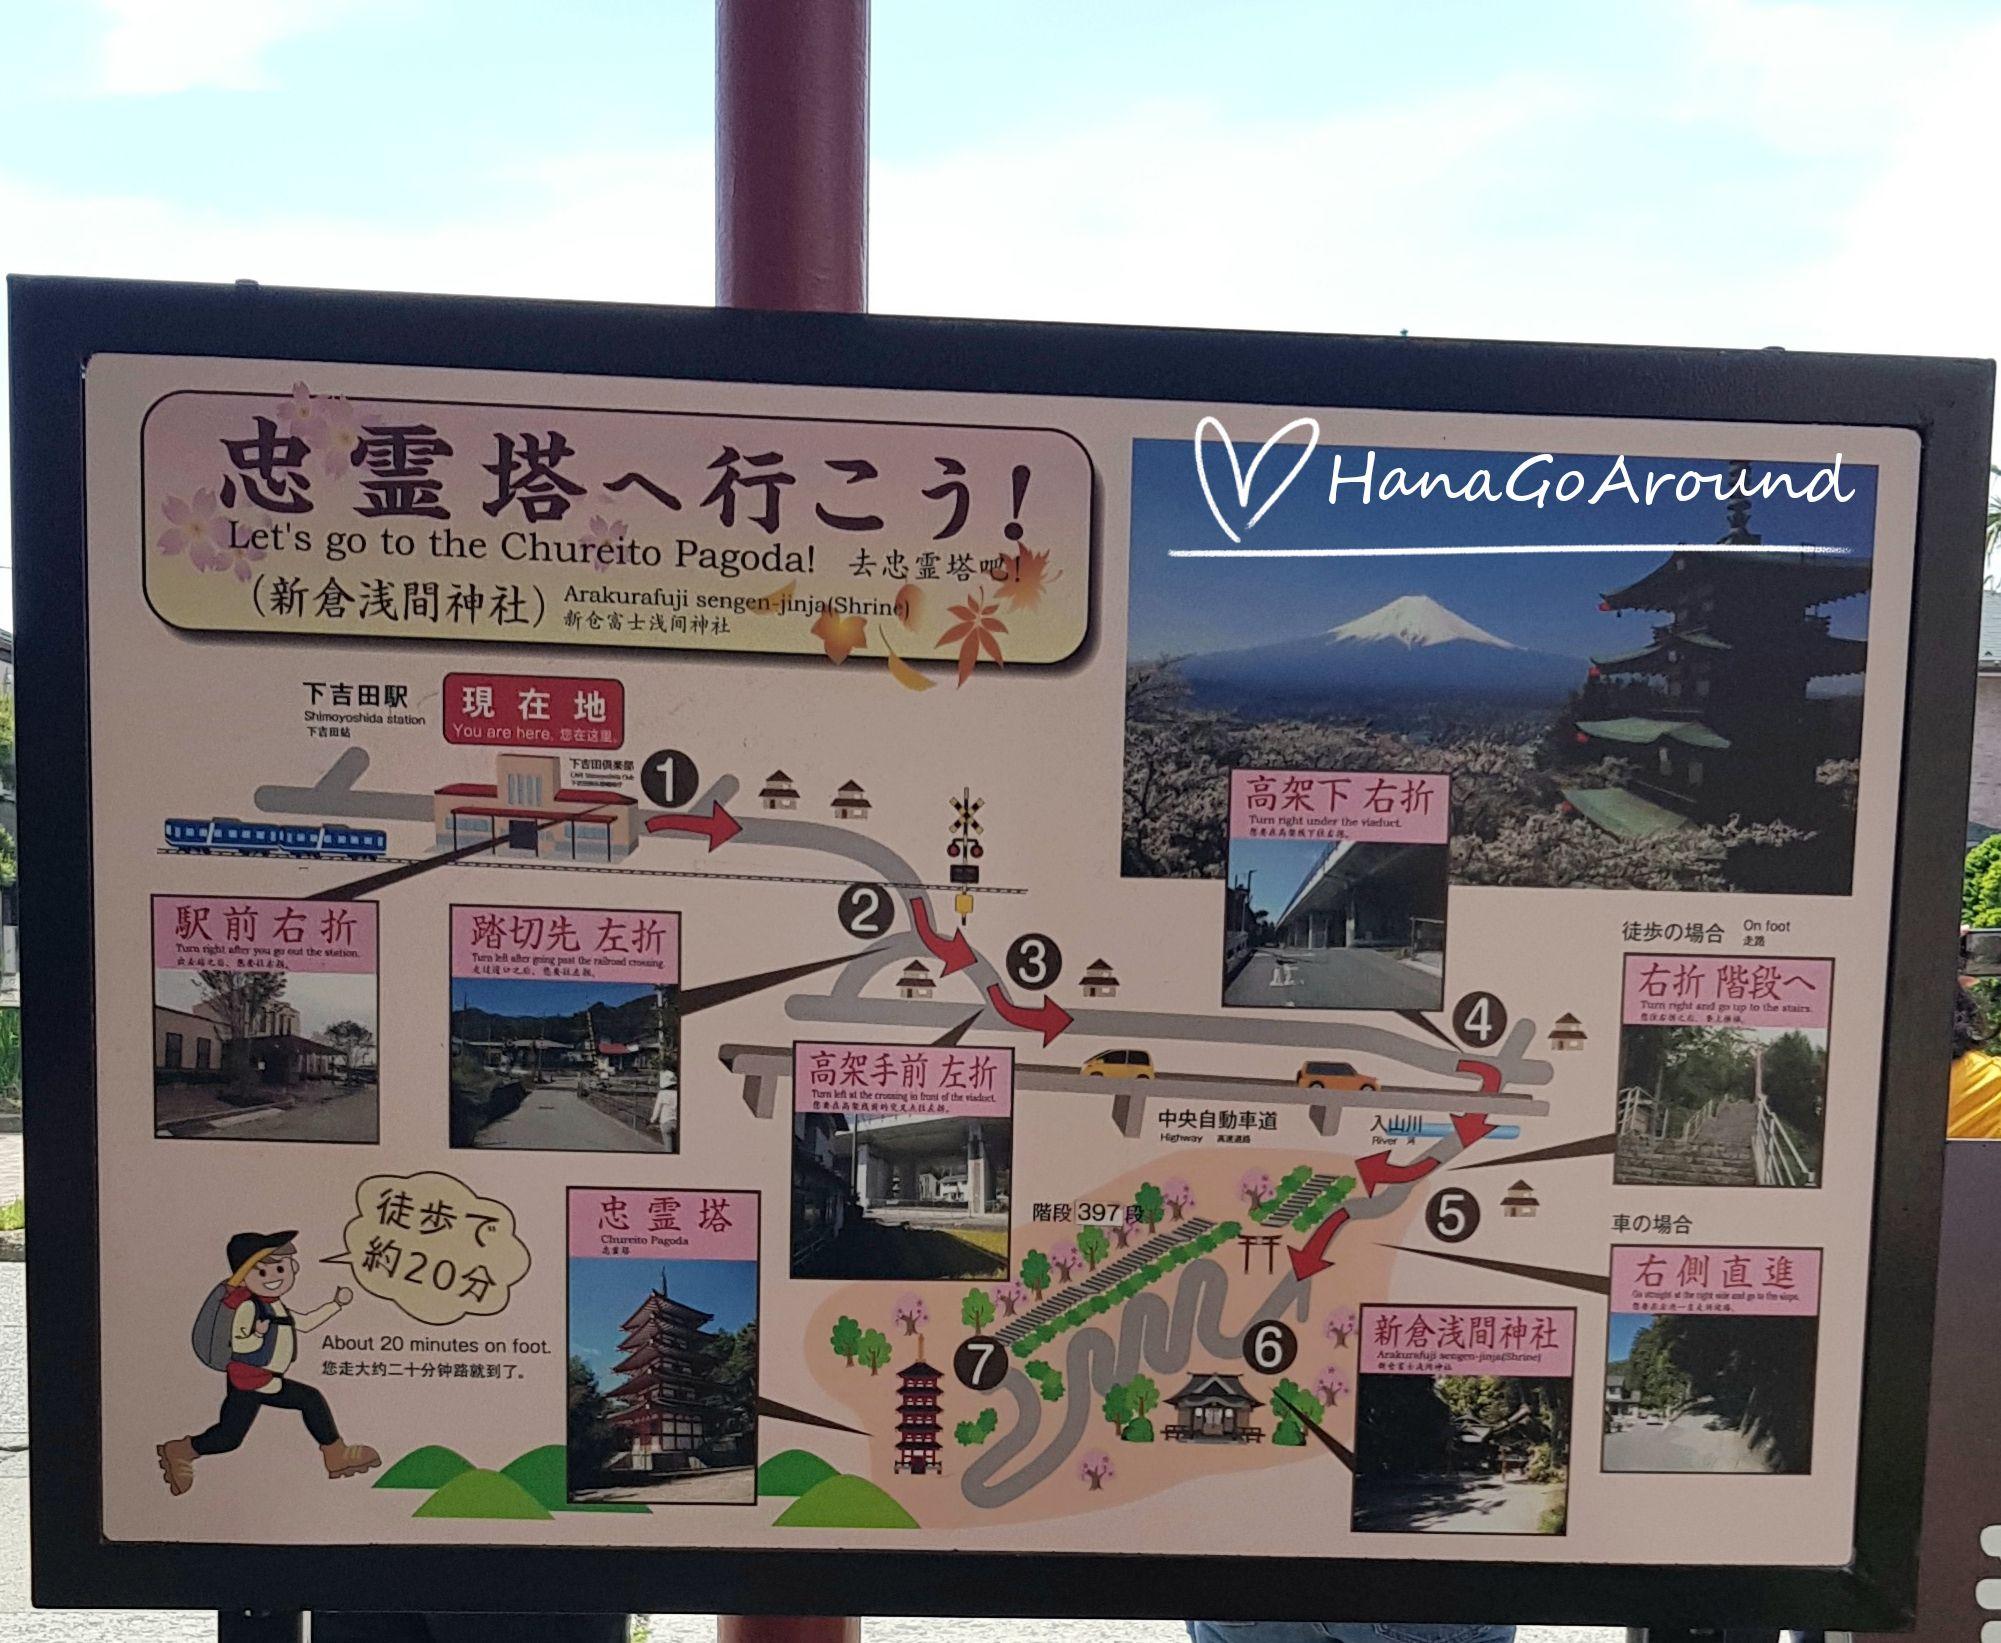 การเดินทางไปเจดีย์ชูเรโต (Chureito Pagoda) ที่เมืองฟูจิชิโยดะ (Fujishiyoda)ในจังหวัดยามานาชิ (Yamanashi)